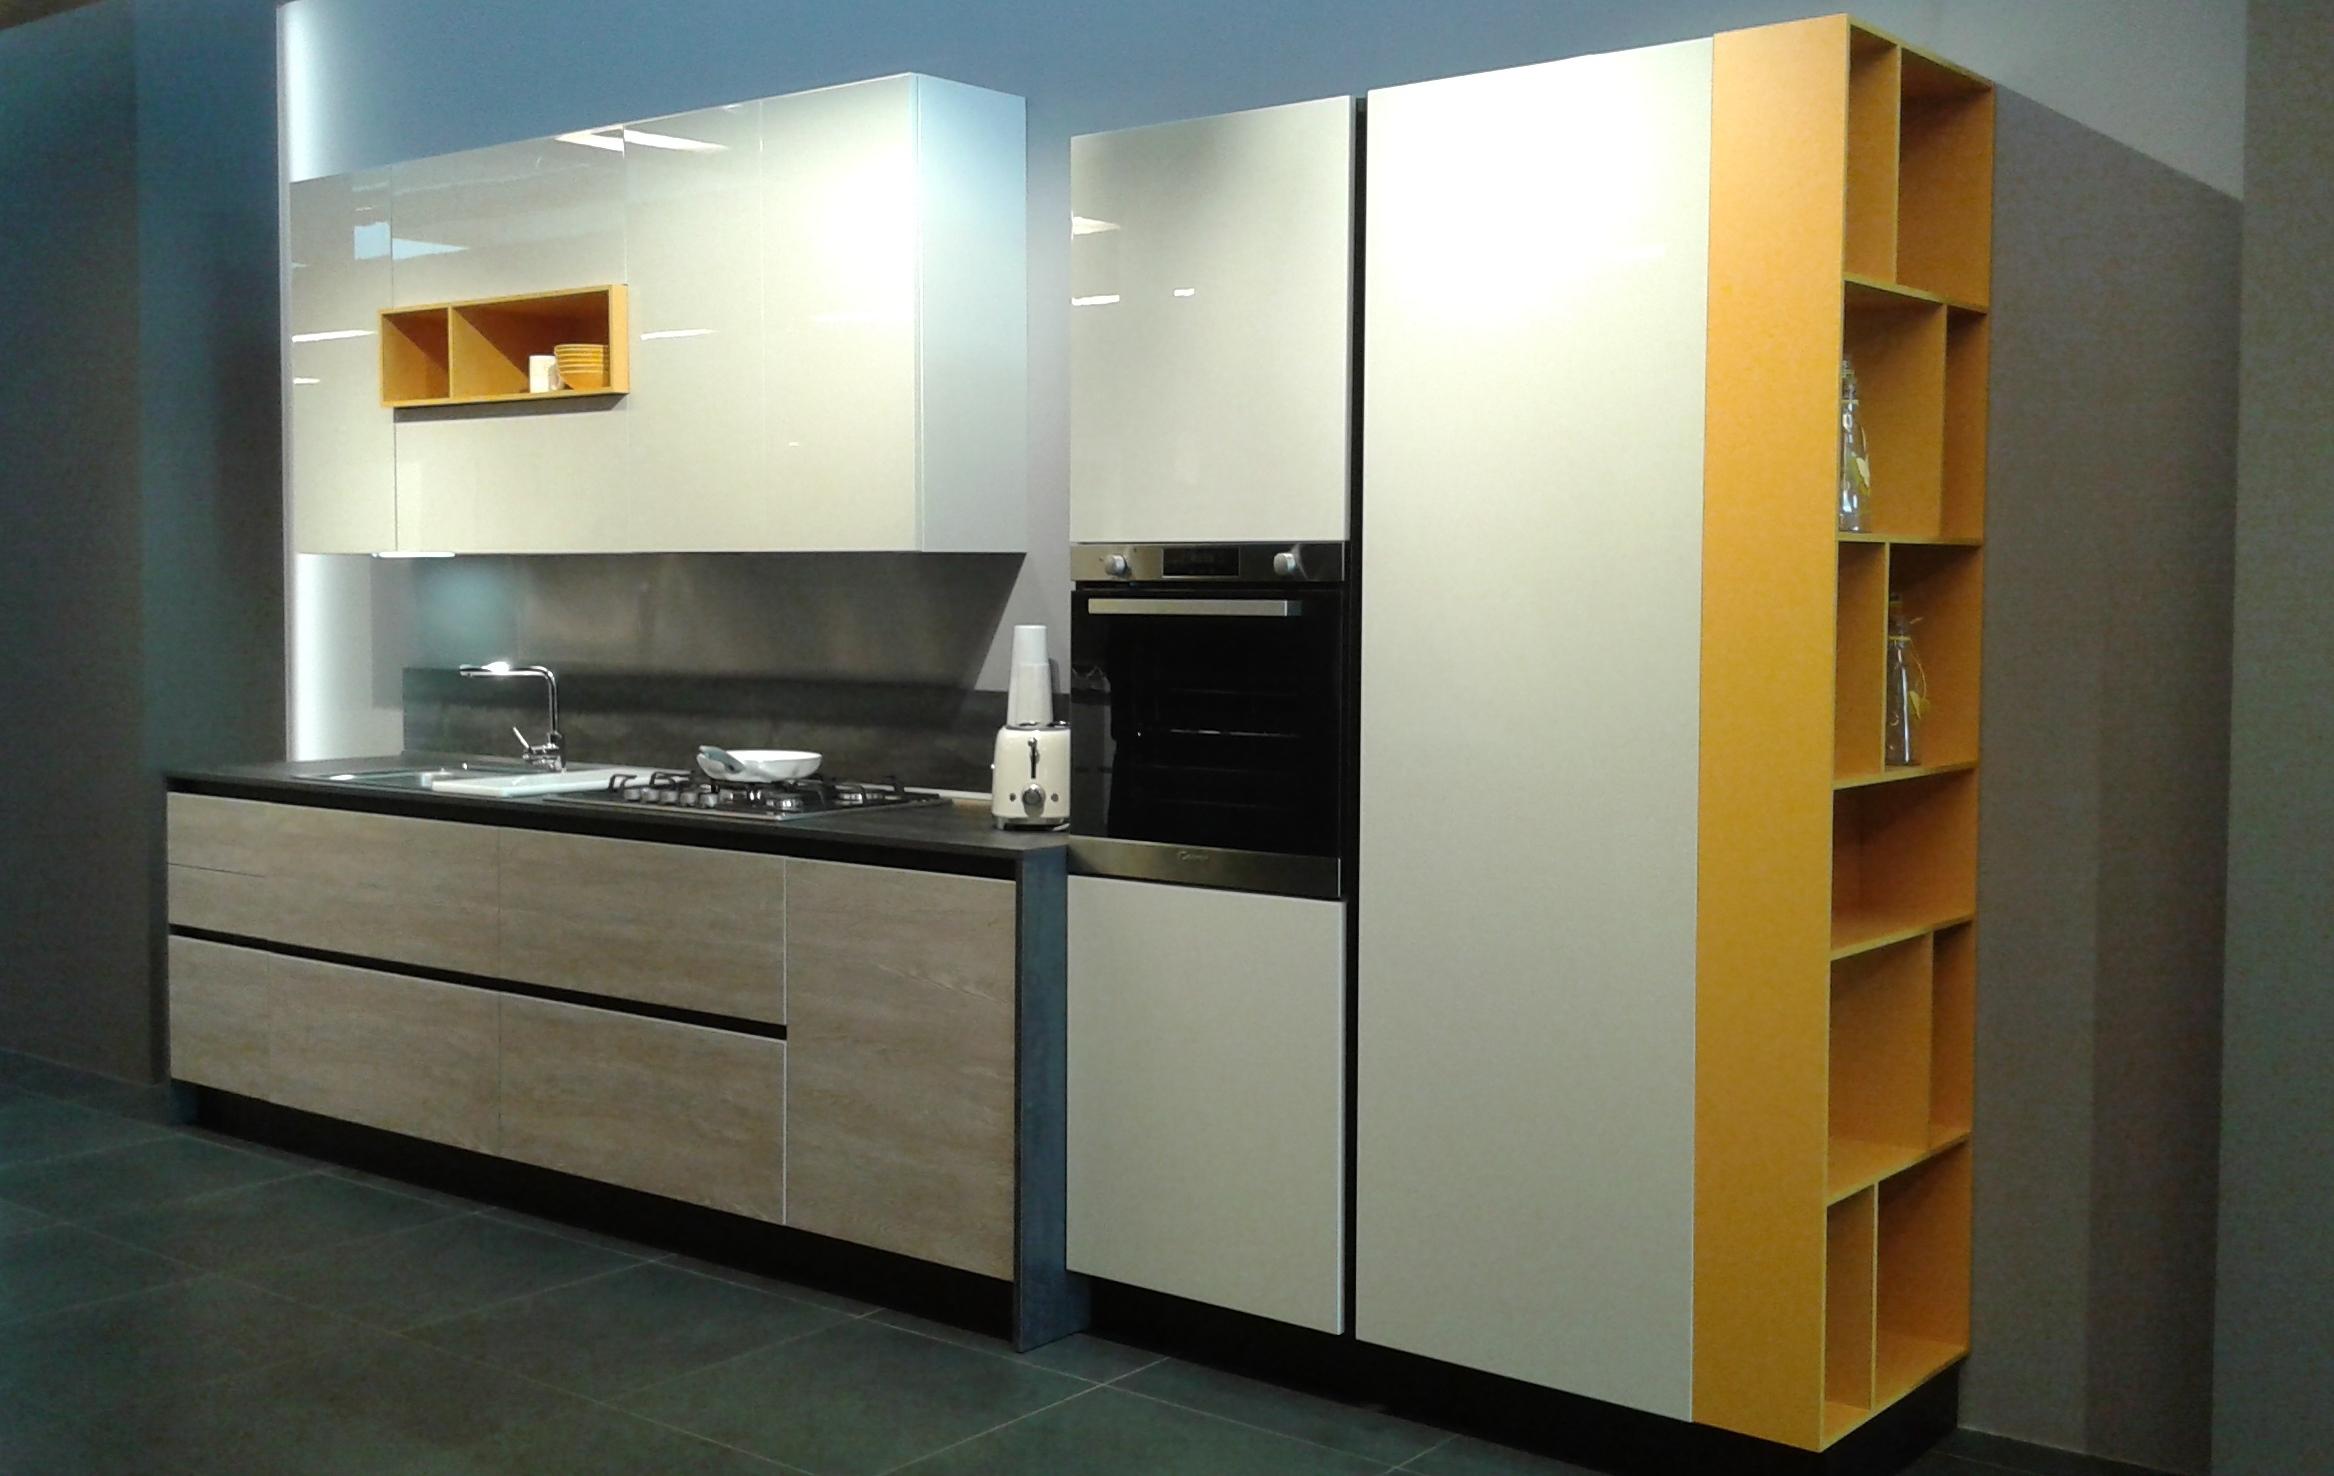 Cucina arredo3 modello cloe cucine a prezzi scontati for Cucina arreda